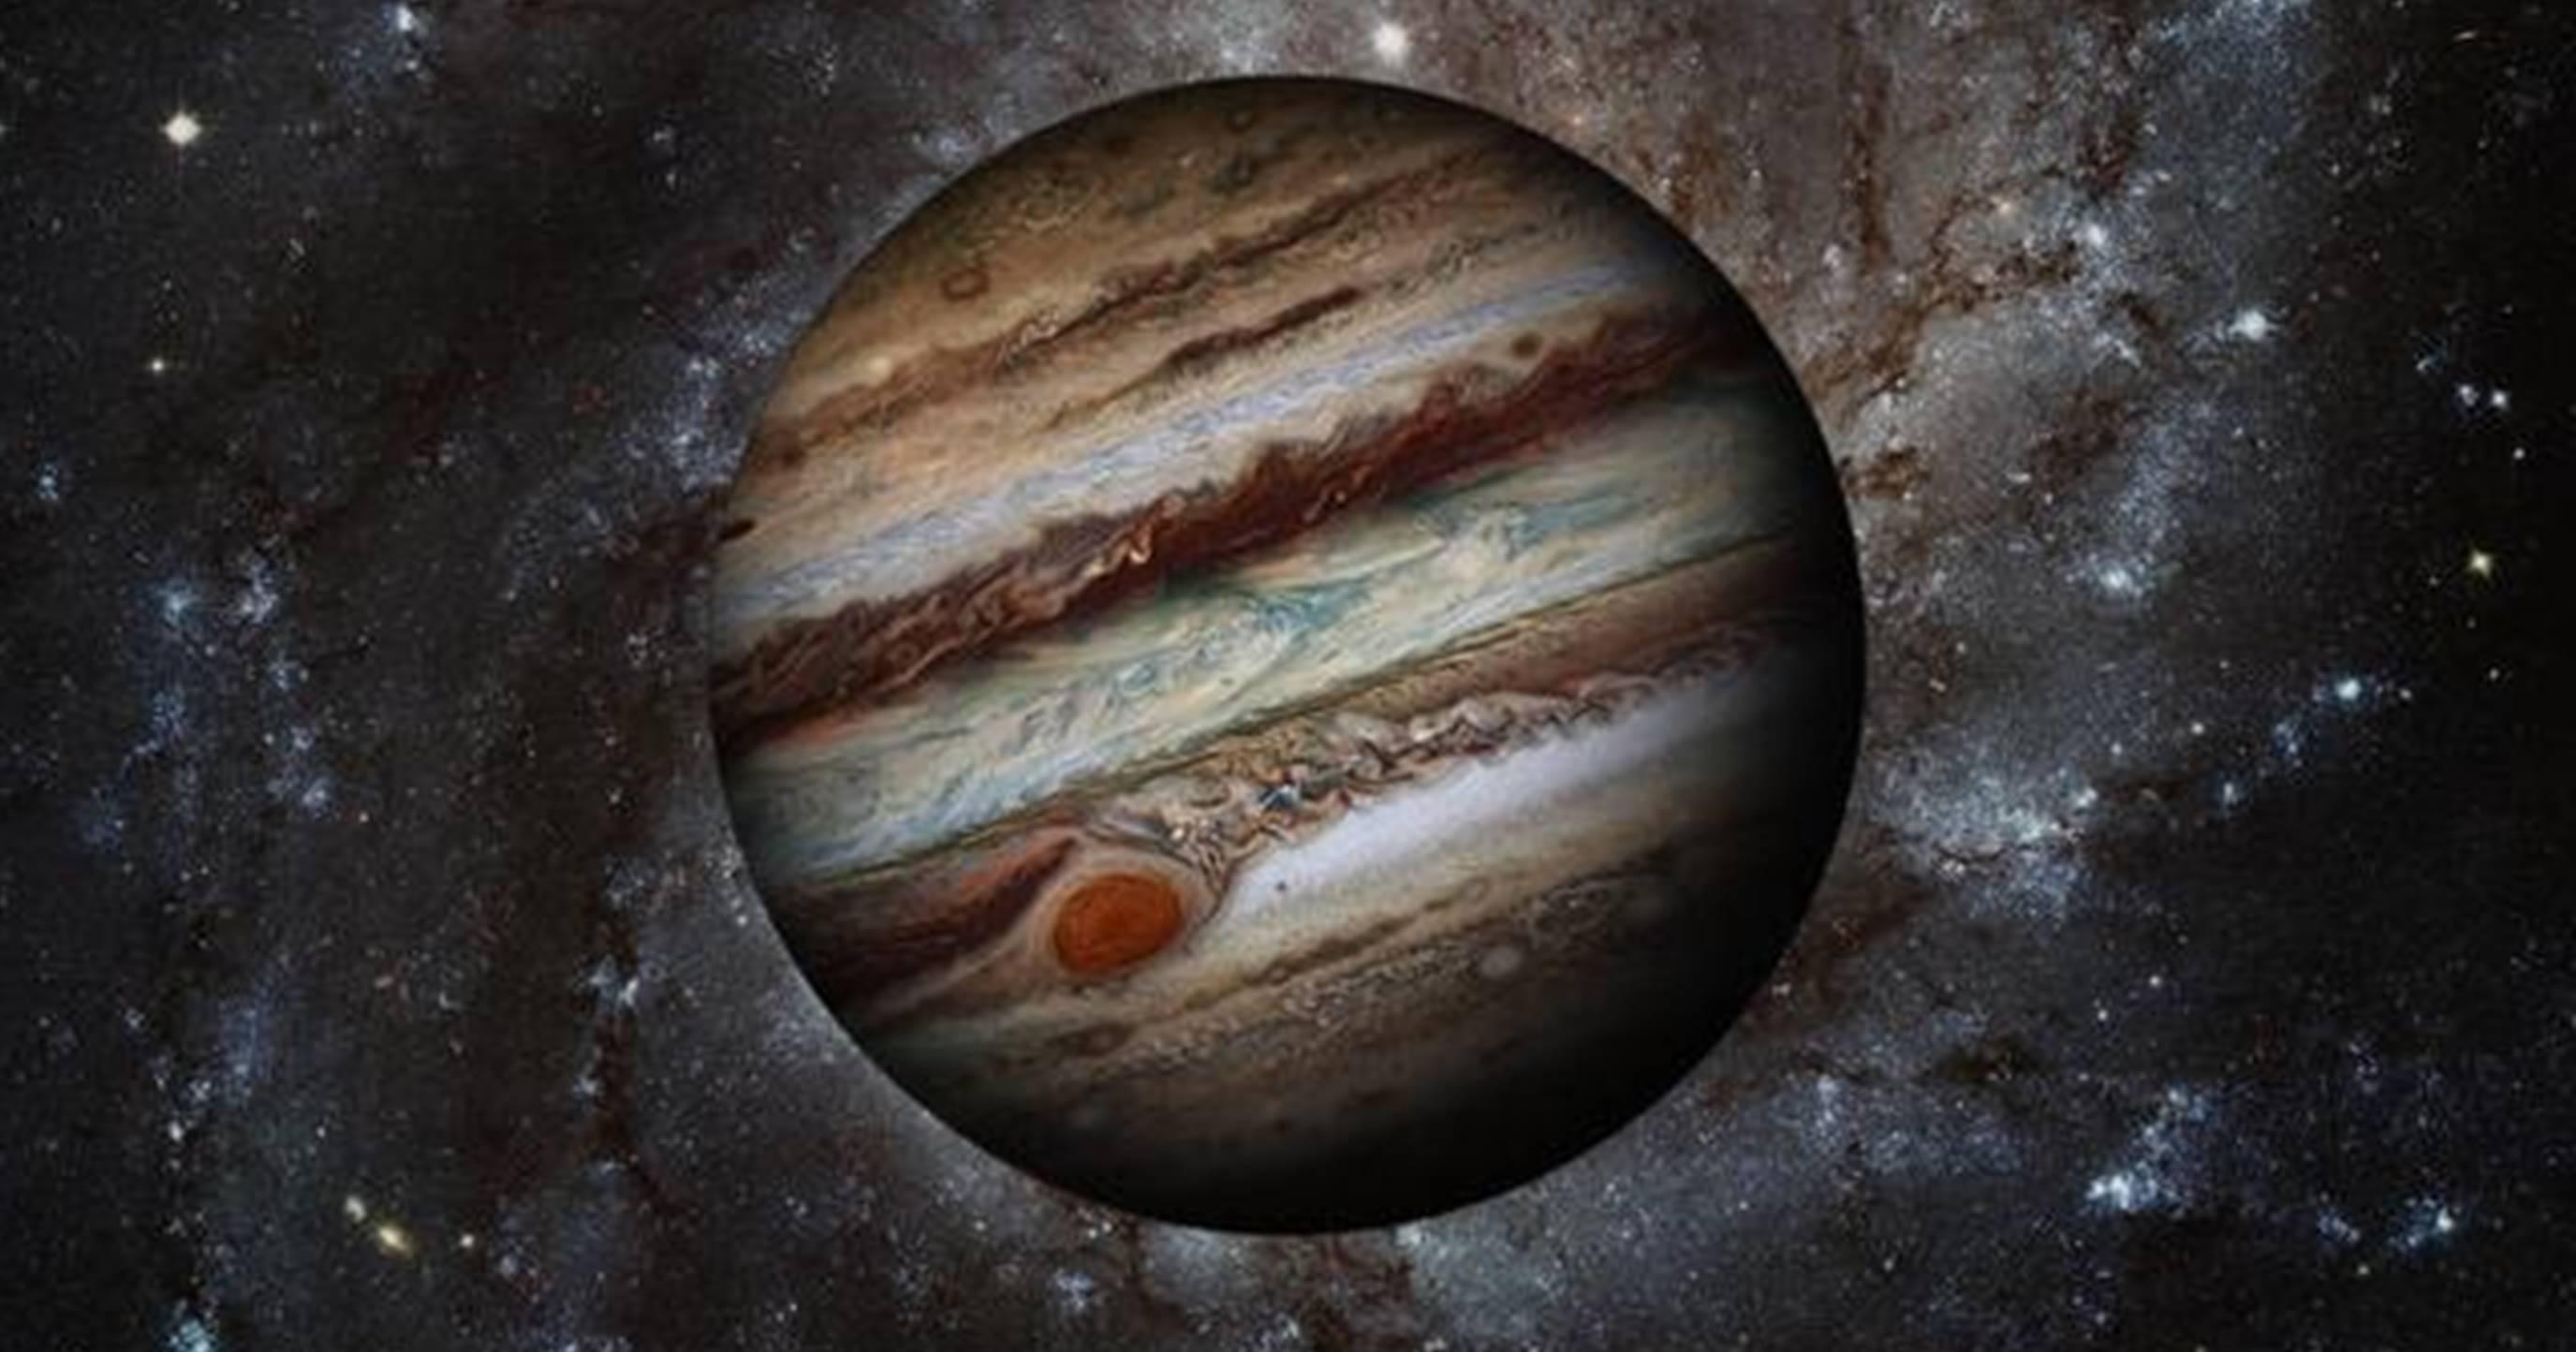 天文學家新發現了12顆木星衛星總數達到79顆,稱其中一顆為「怪」星位於自殺軌道